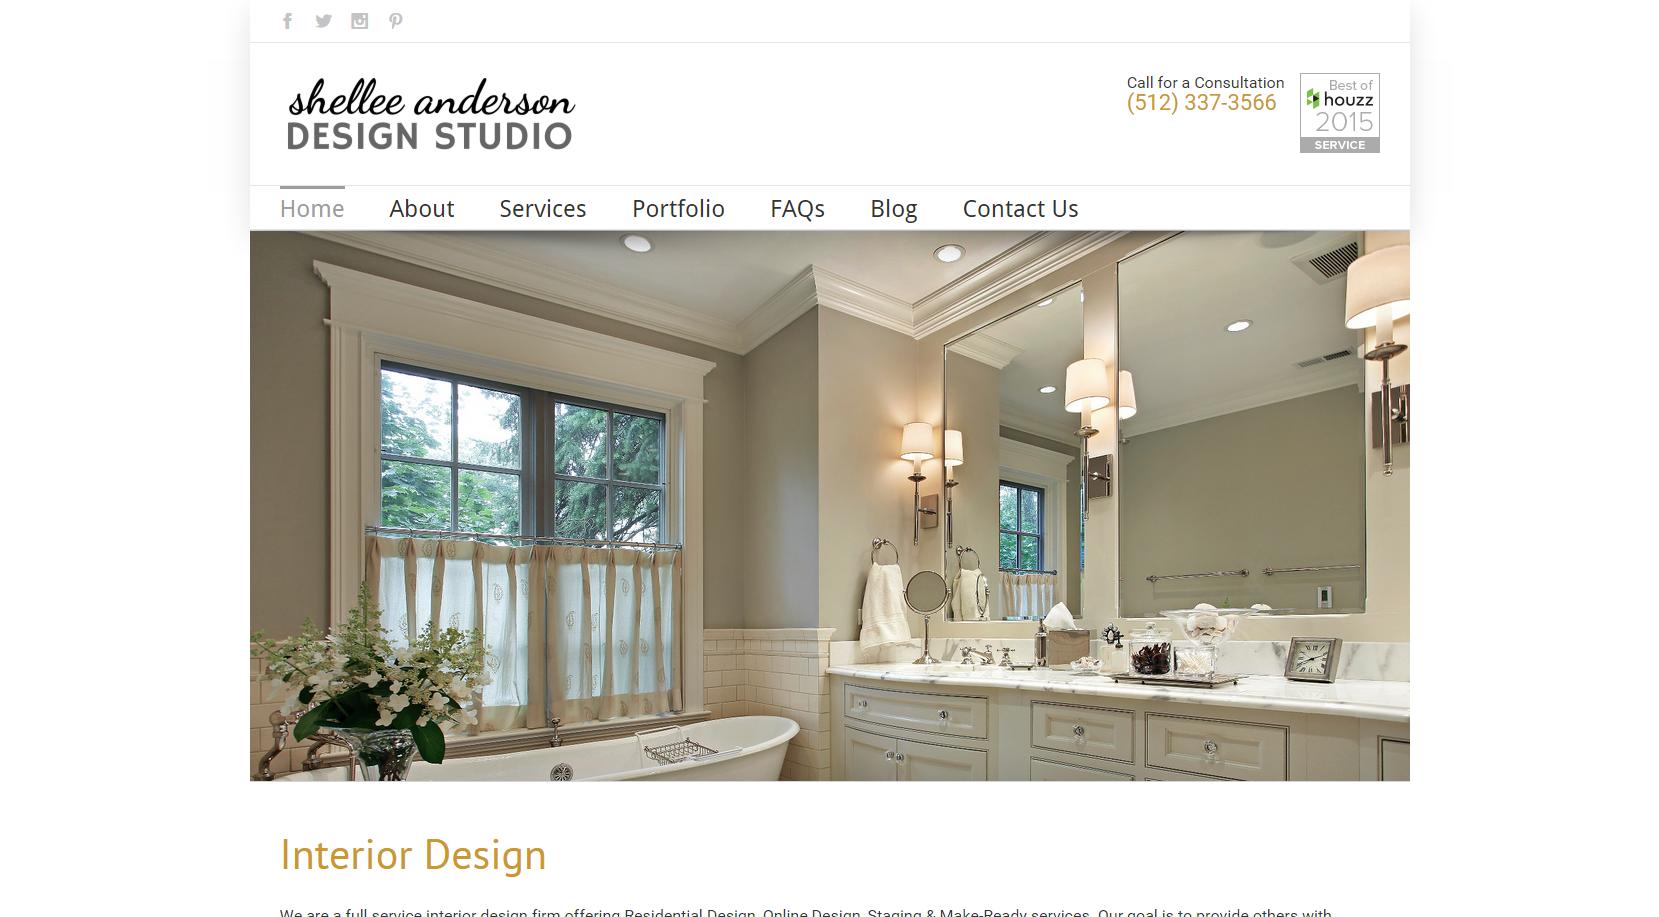 FireShot Screen Capture #015 - 'Shellee Anderson Design Studio' - www_shelleedesignstudio_com